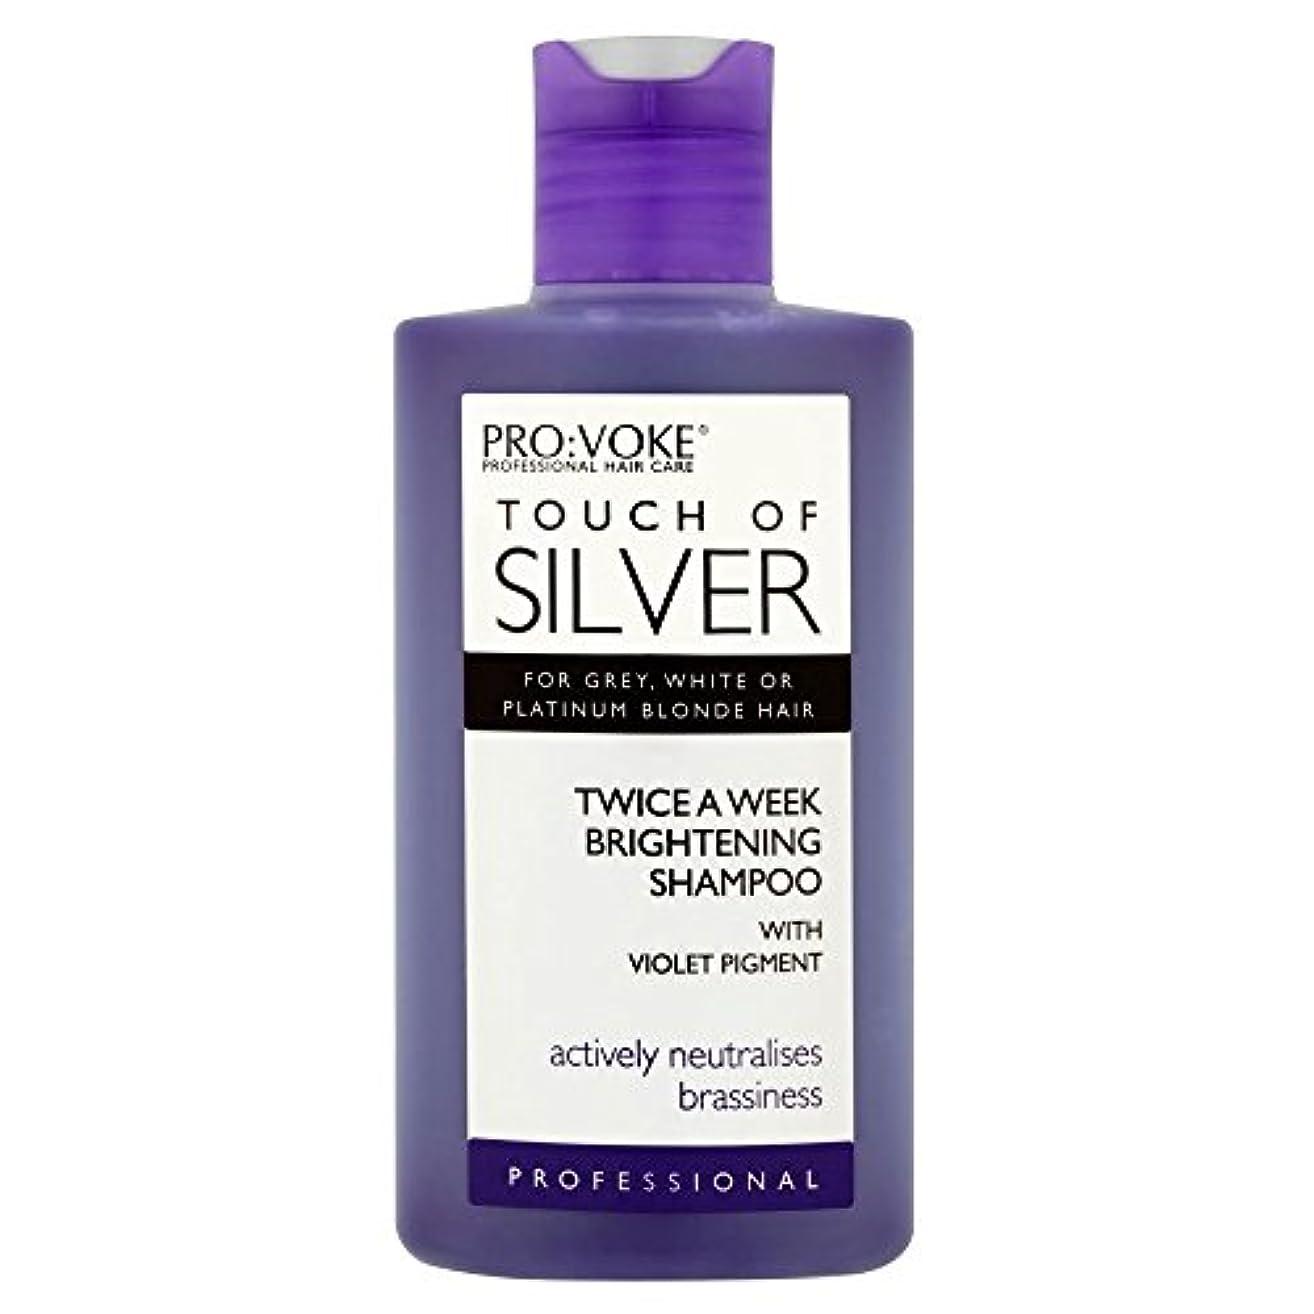 未知の鉄欠伸Pro:voke Touch of Silver Professional Twice a Week Brightening Shampoo (150ml) プロ:プロの銀二回週白シャンプーのvokeタッチ( 150ミリリットル...